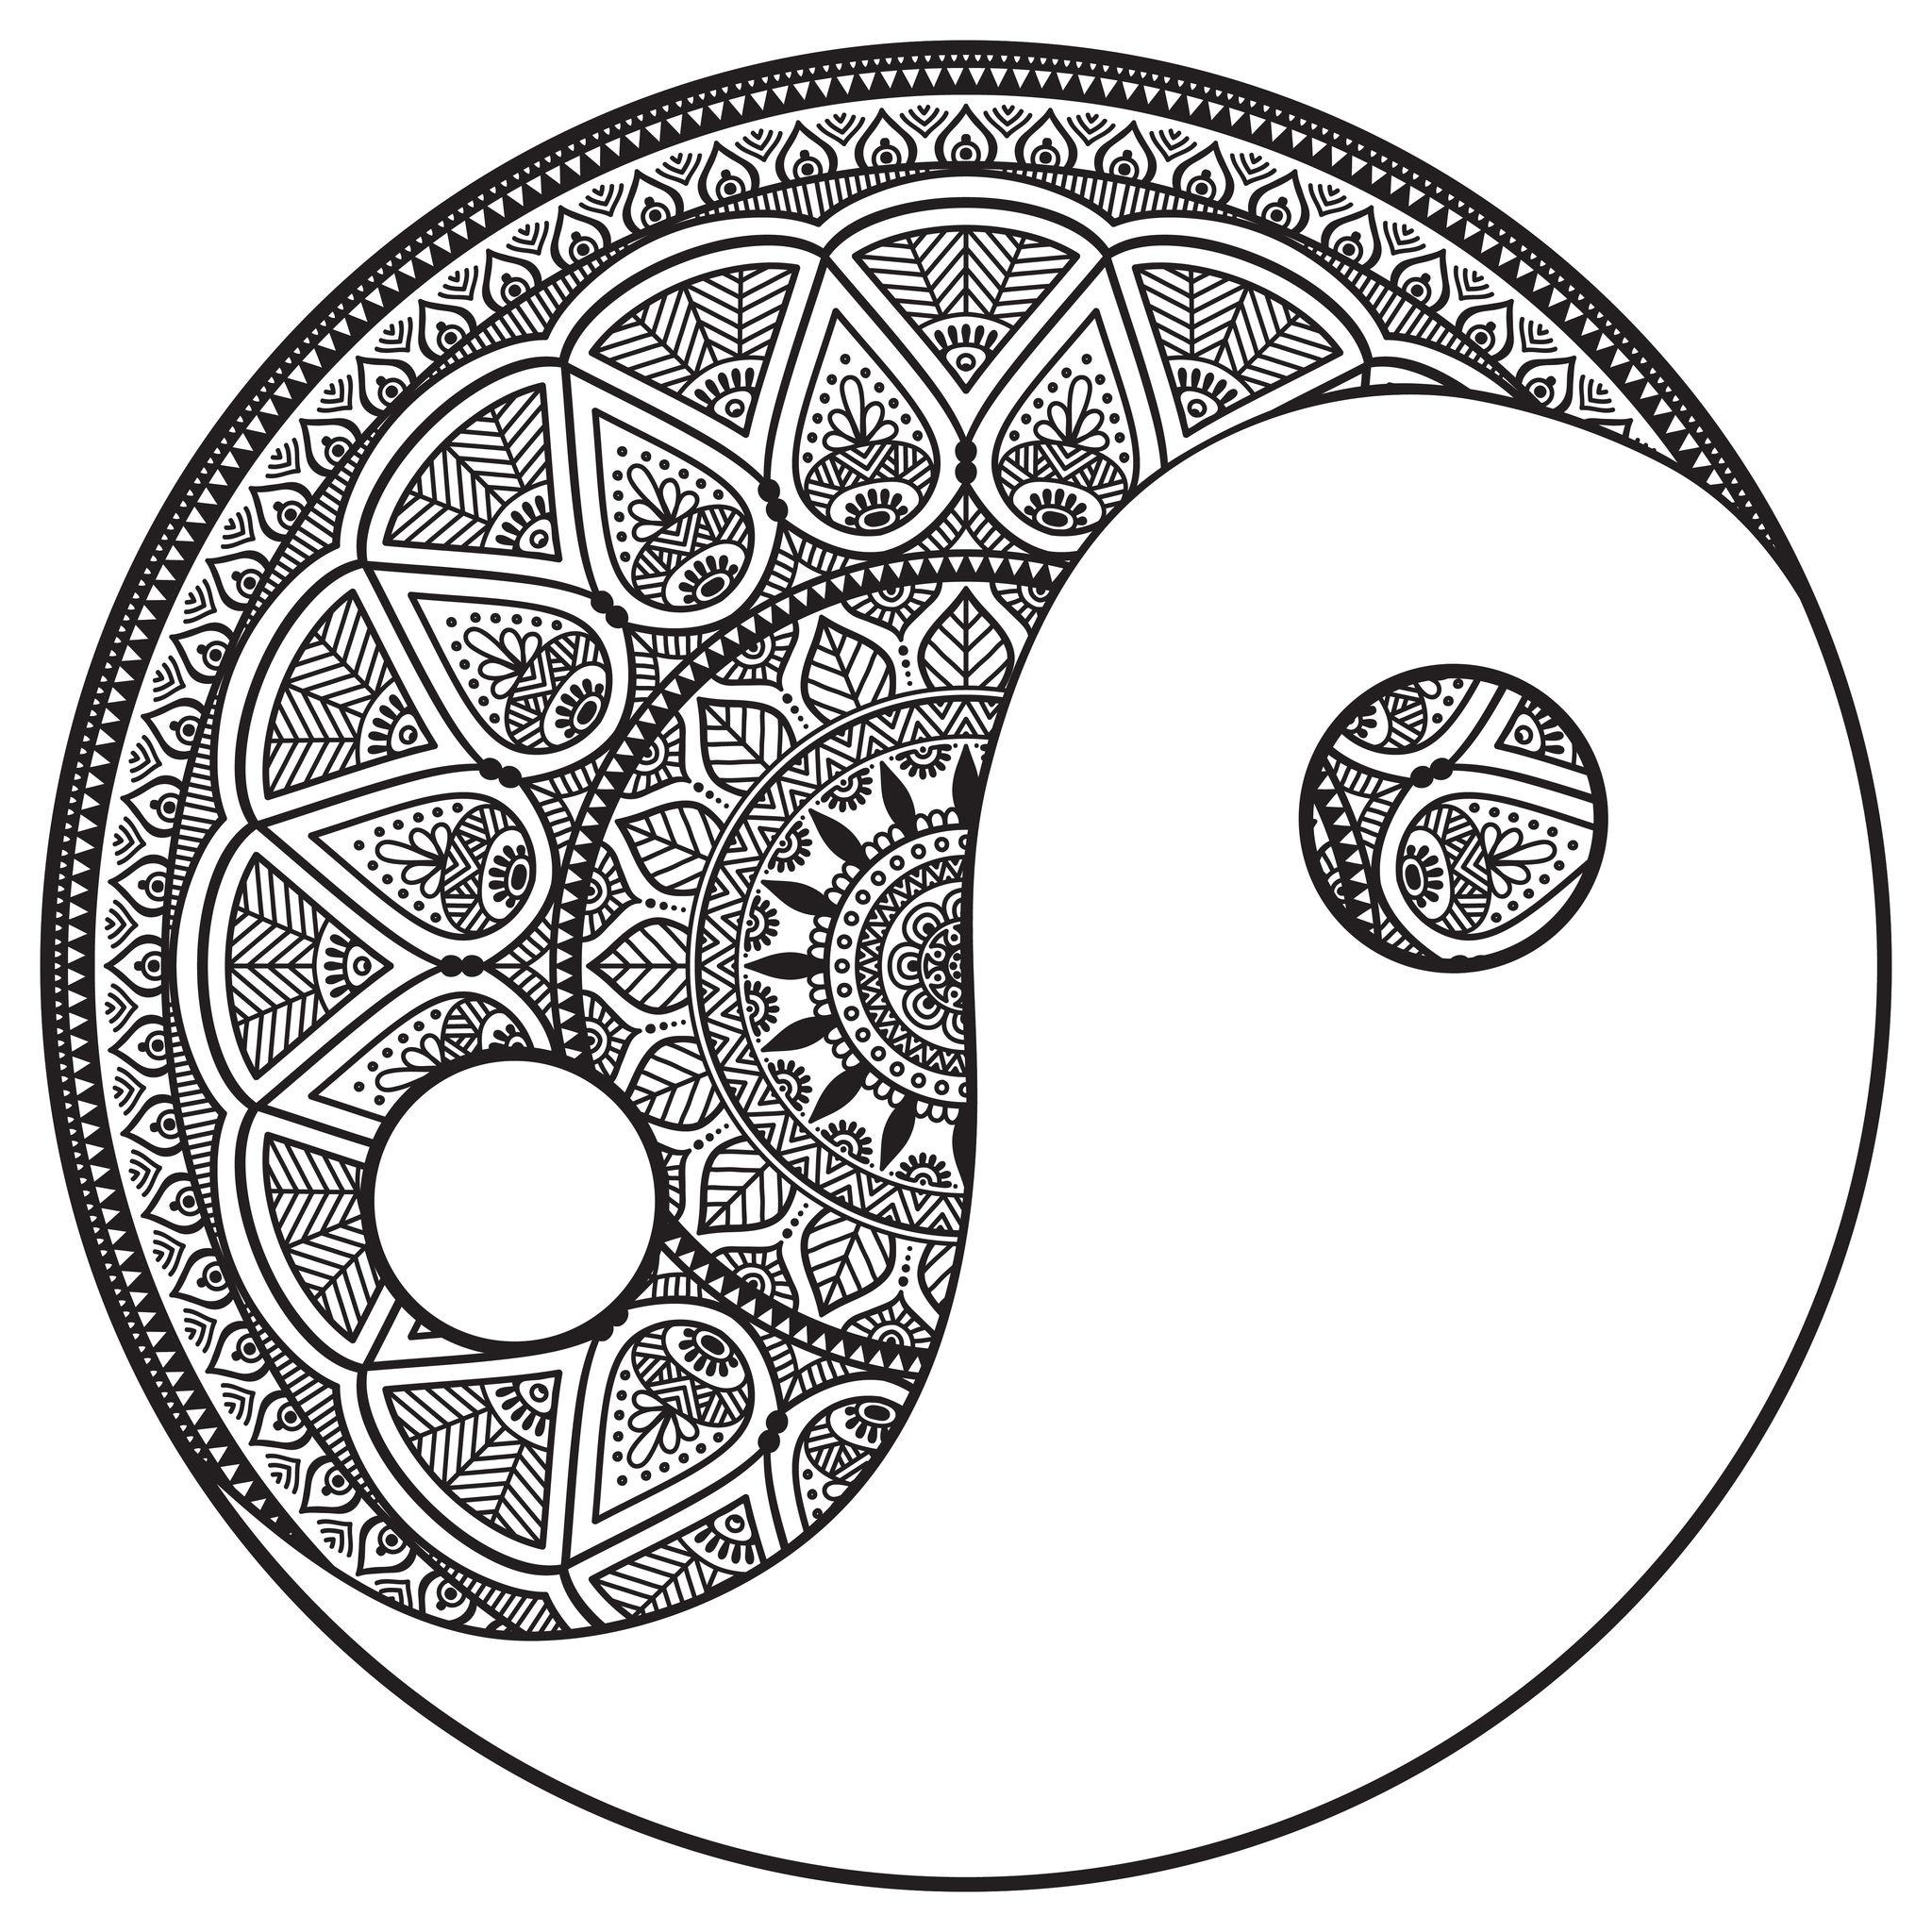 2048x2048 Zen Mandala Inspired By The Yin And Yang Symbol By Snezh Zen